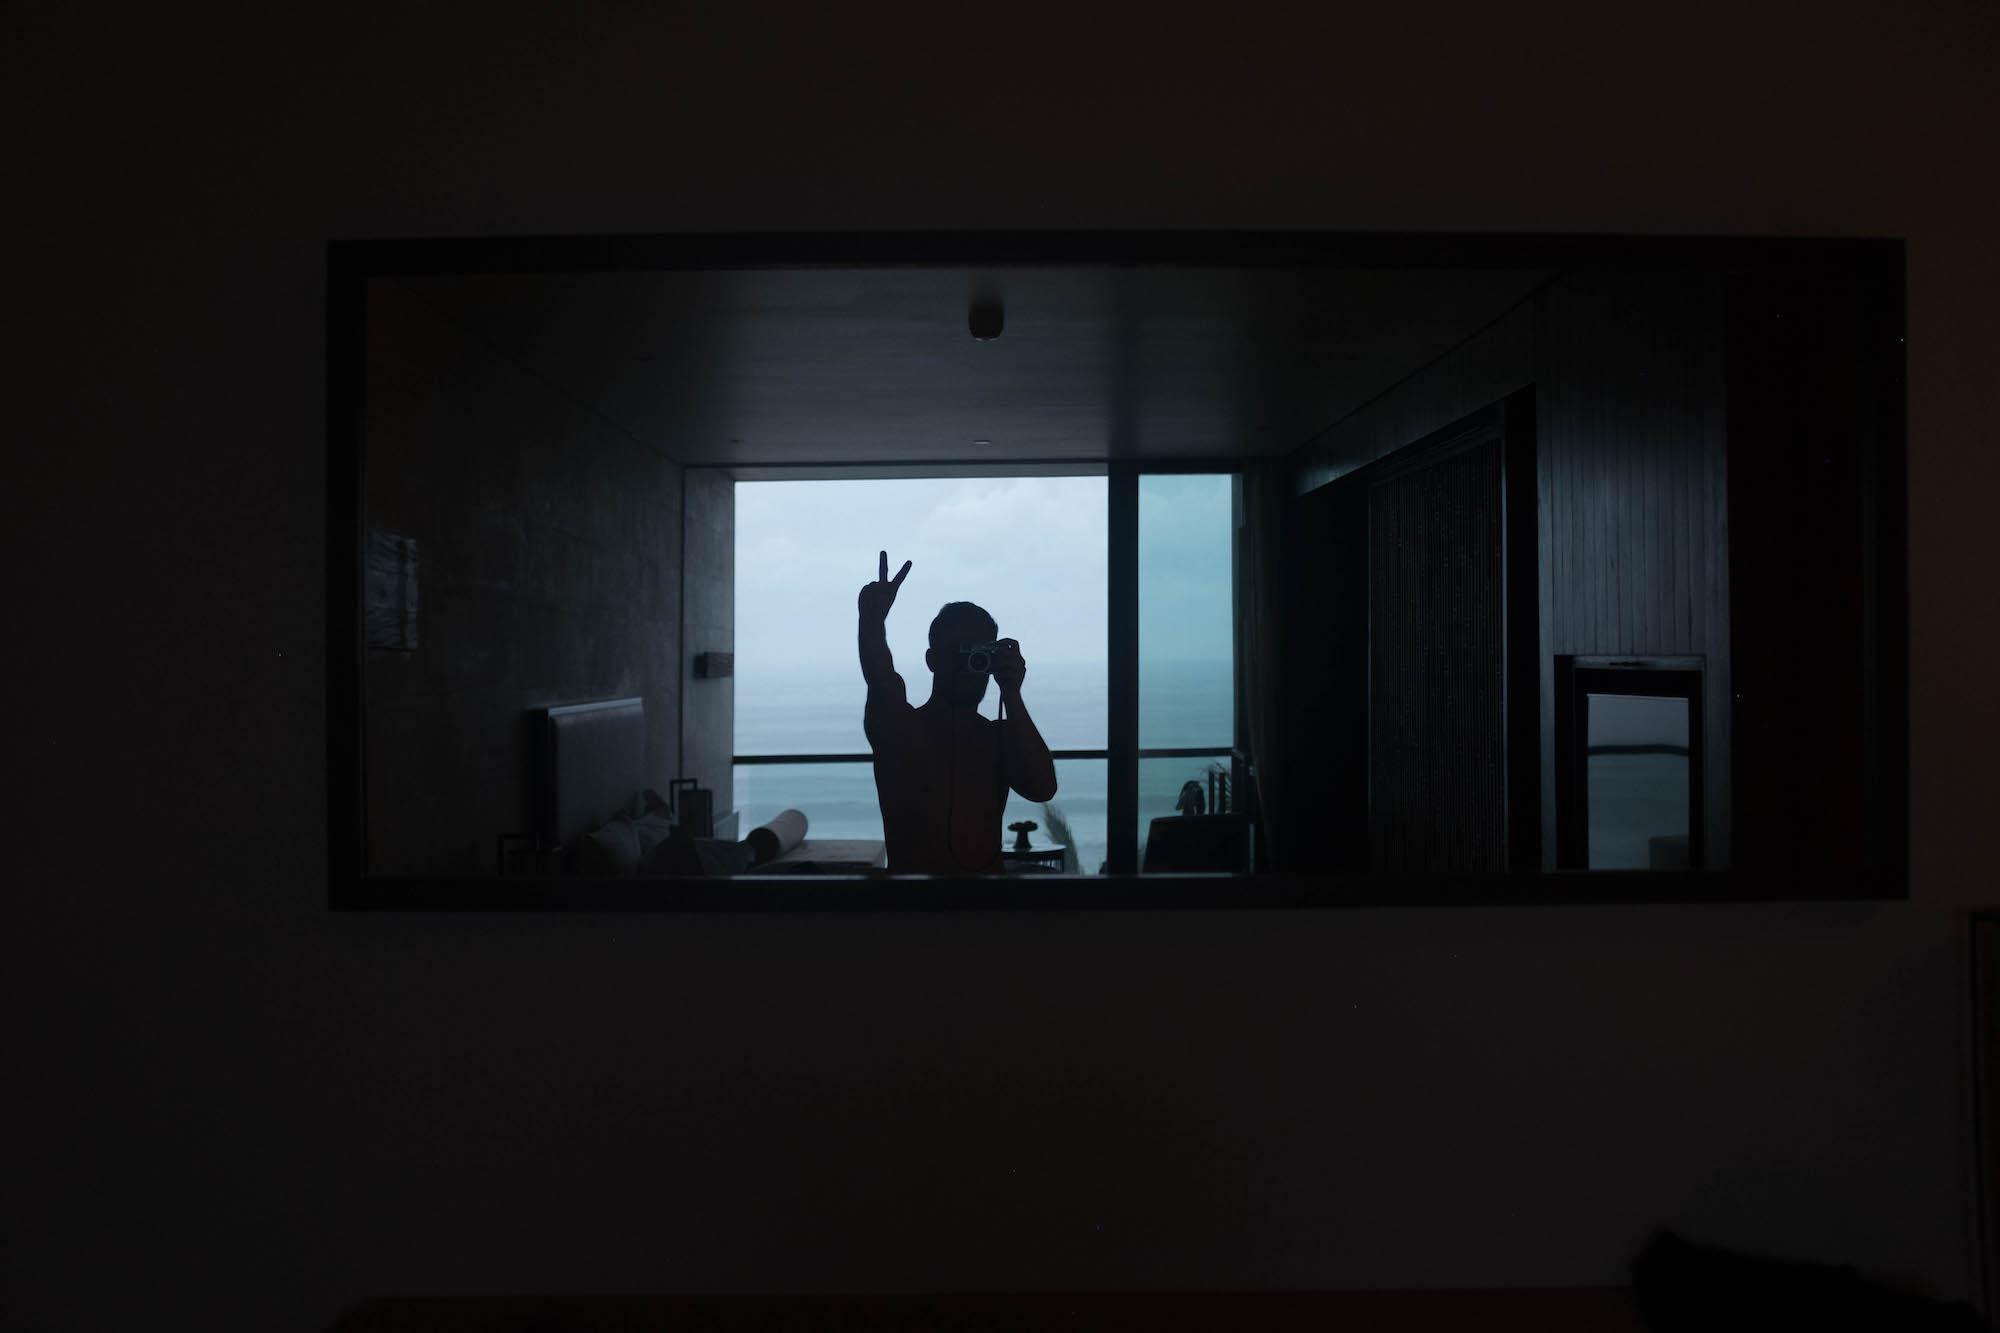 2017-04-Alila-Seminyak - alila-seminyak-bali-nectarandpulse-interior-26.jpg